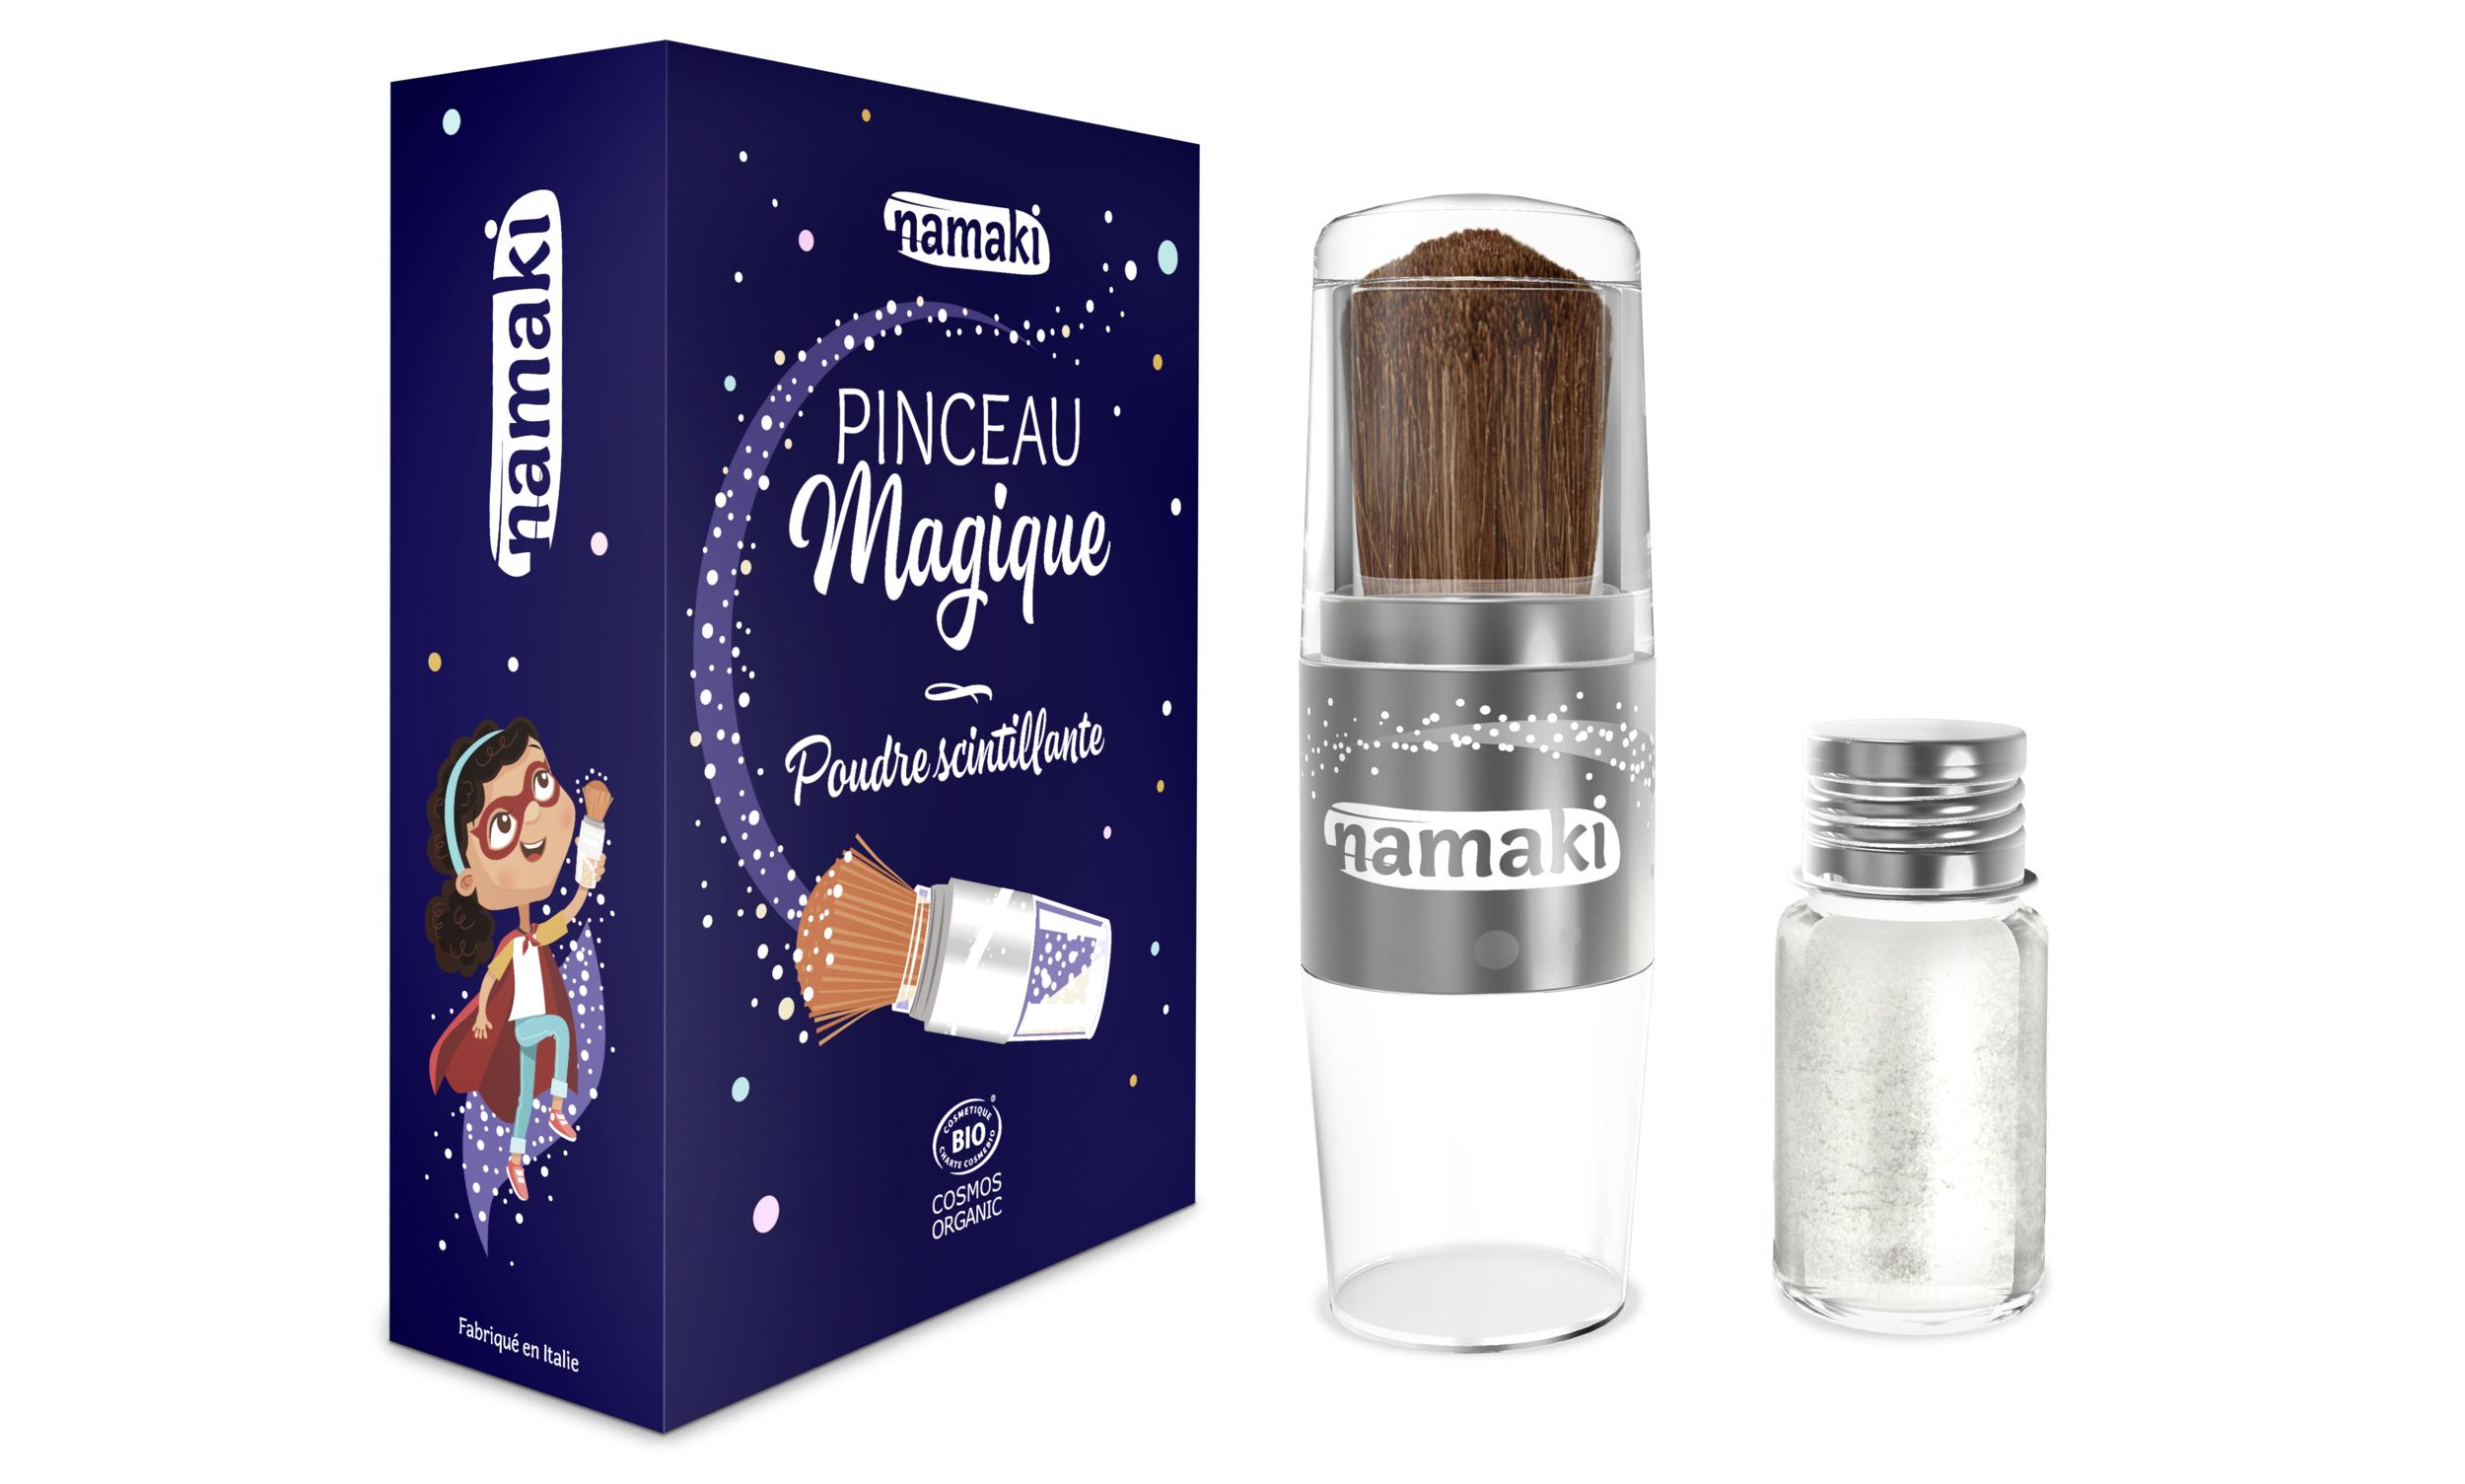 Namaki_Pinceau Magique_Boite pinceau et recharge